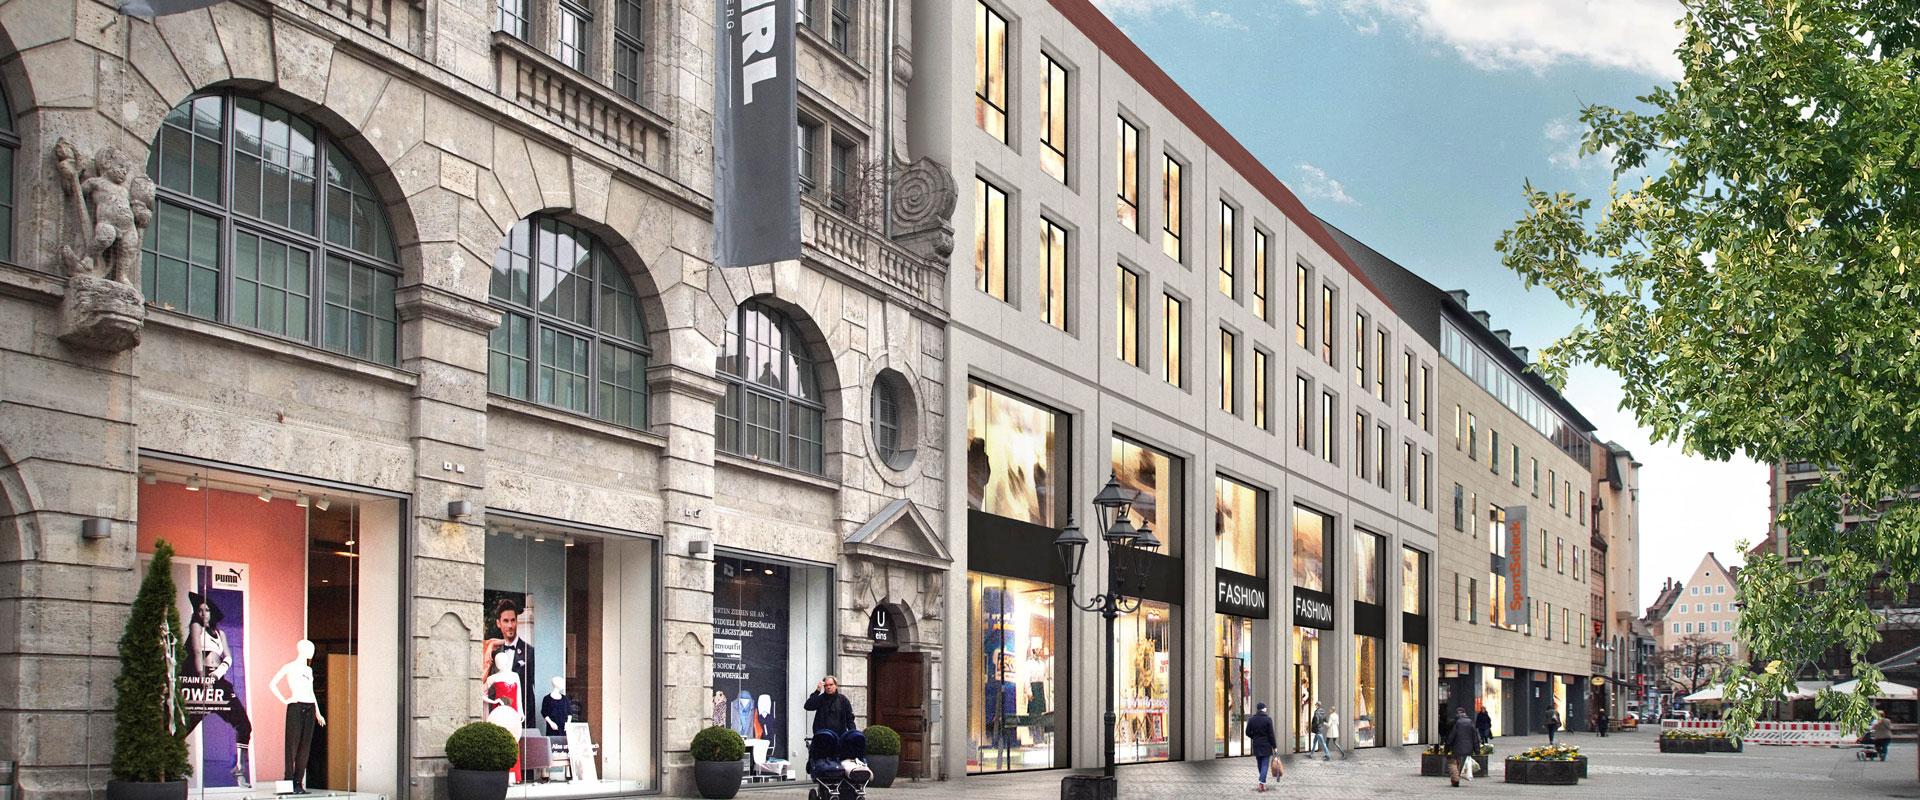 Wohn- und Geschäftshaus mitten in Nürnberg am Ludwigsplatz